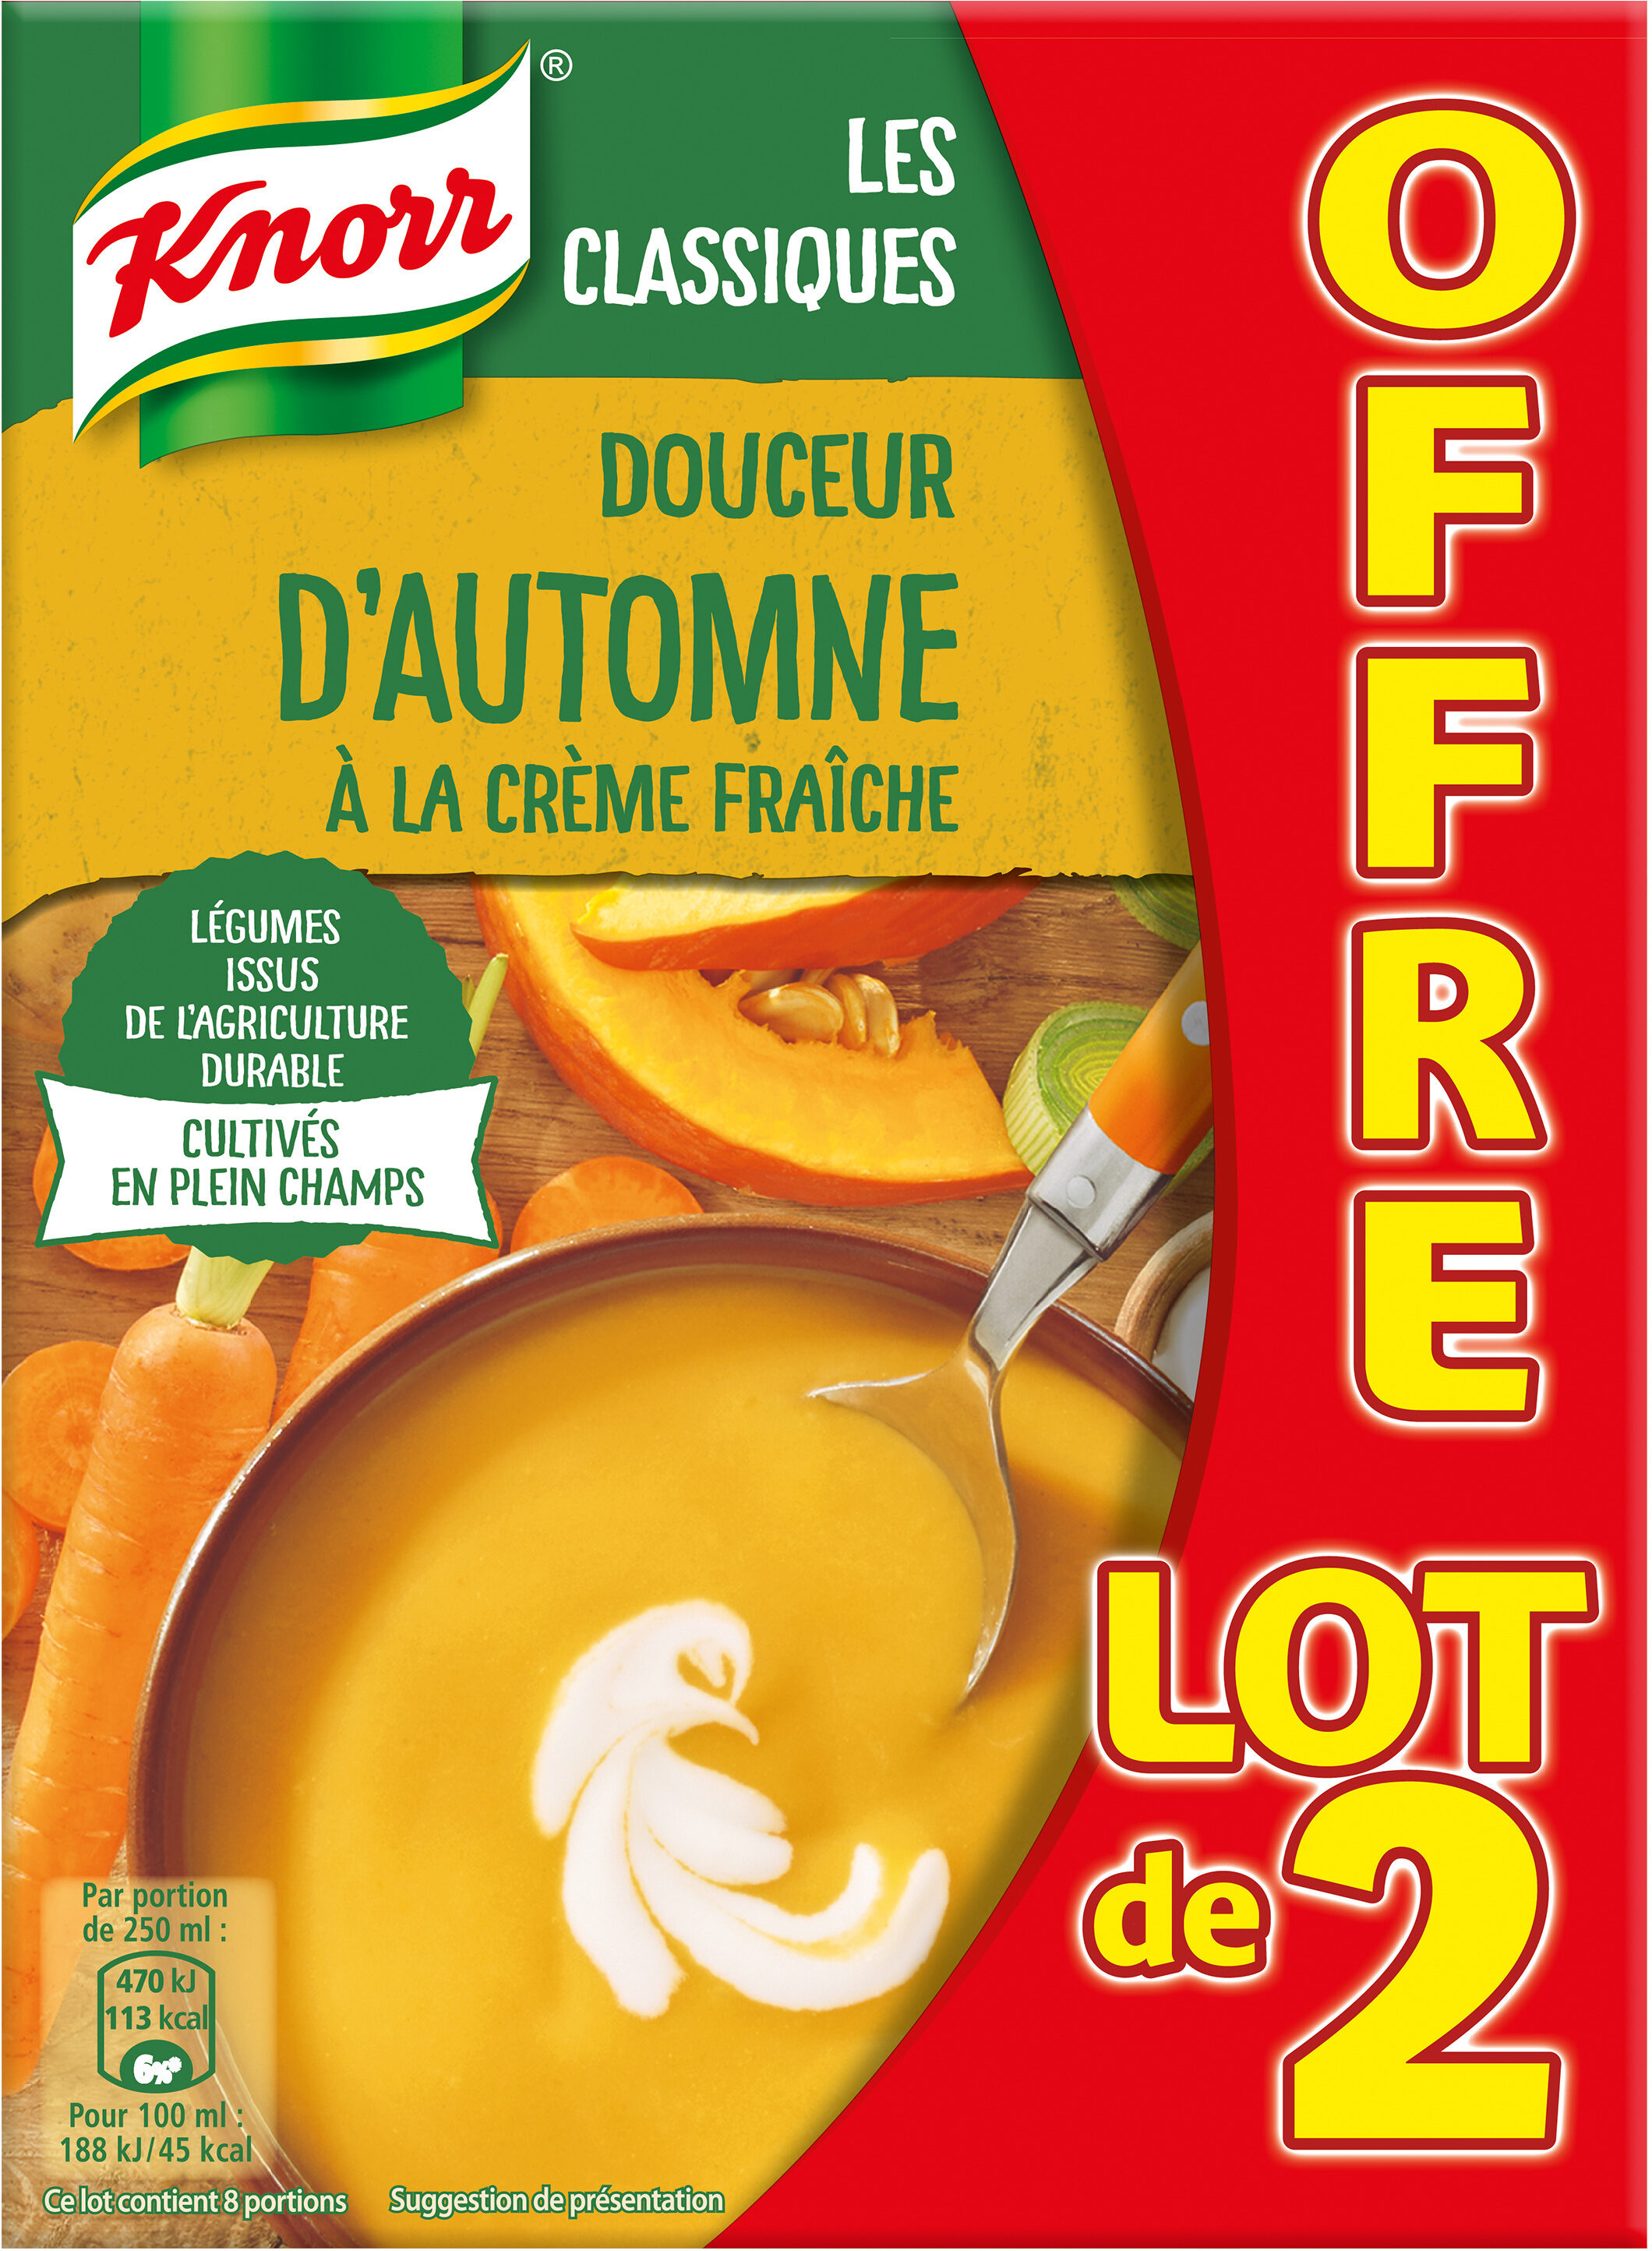 Knorr Les Classiques Soupe Liquide Douceur d'Automne à la Crème Fraîche Brique Lot 2x1L - Product - fr